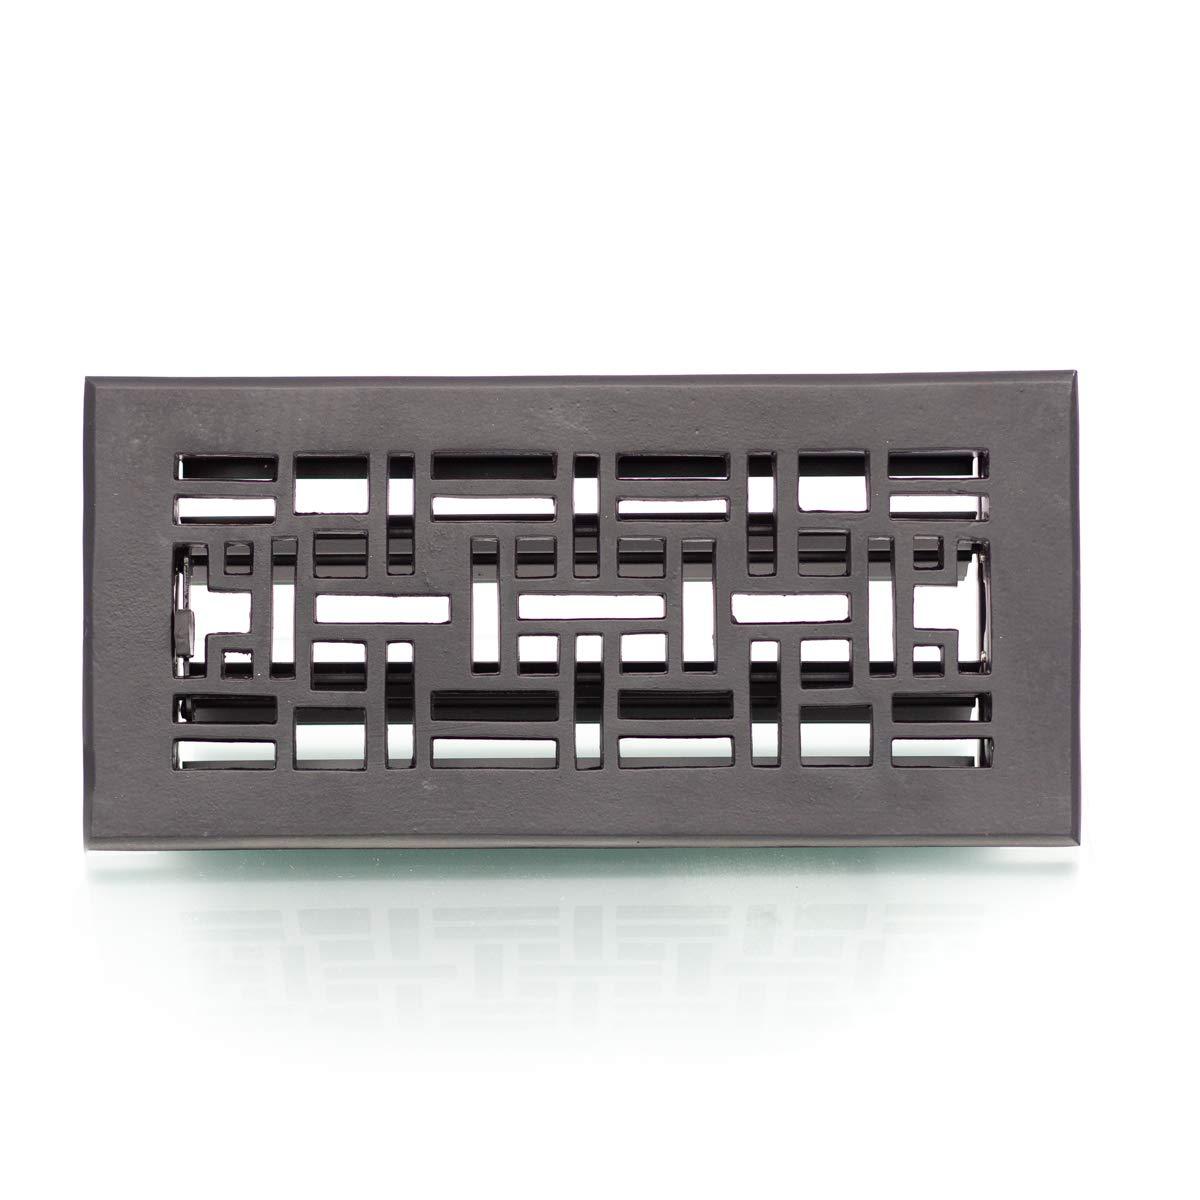 Antikas - Rejilla de ventilació n en negro, rejilla de aire para horno, rejilla de chimenea regulable